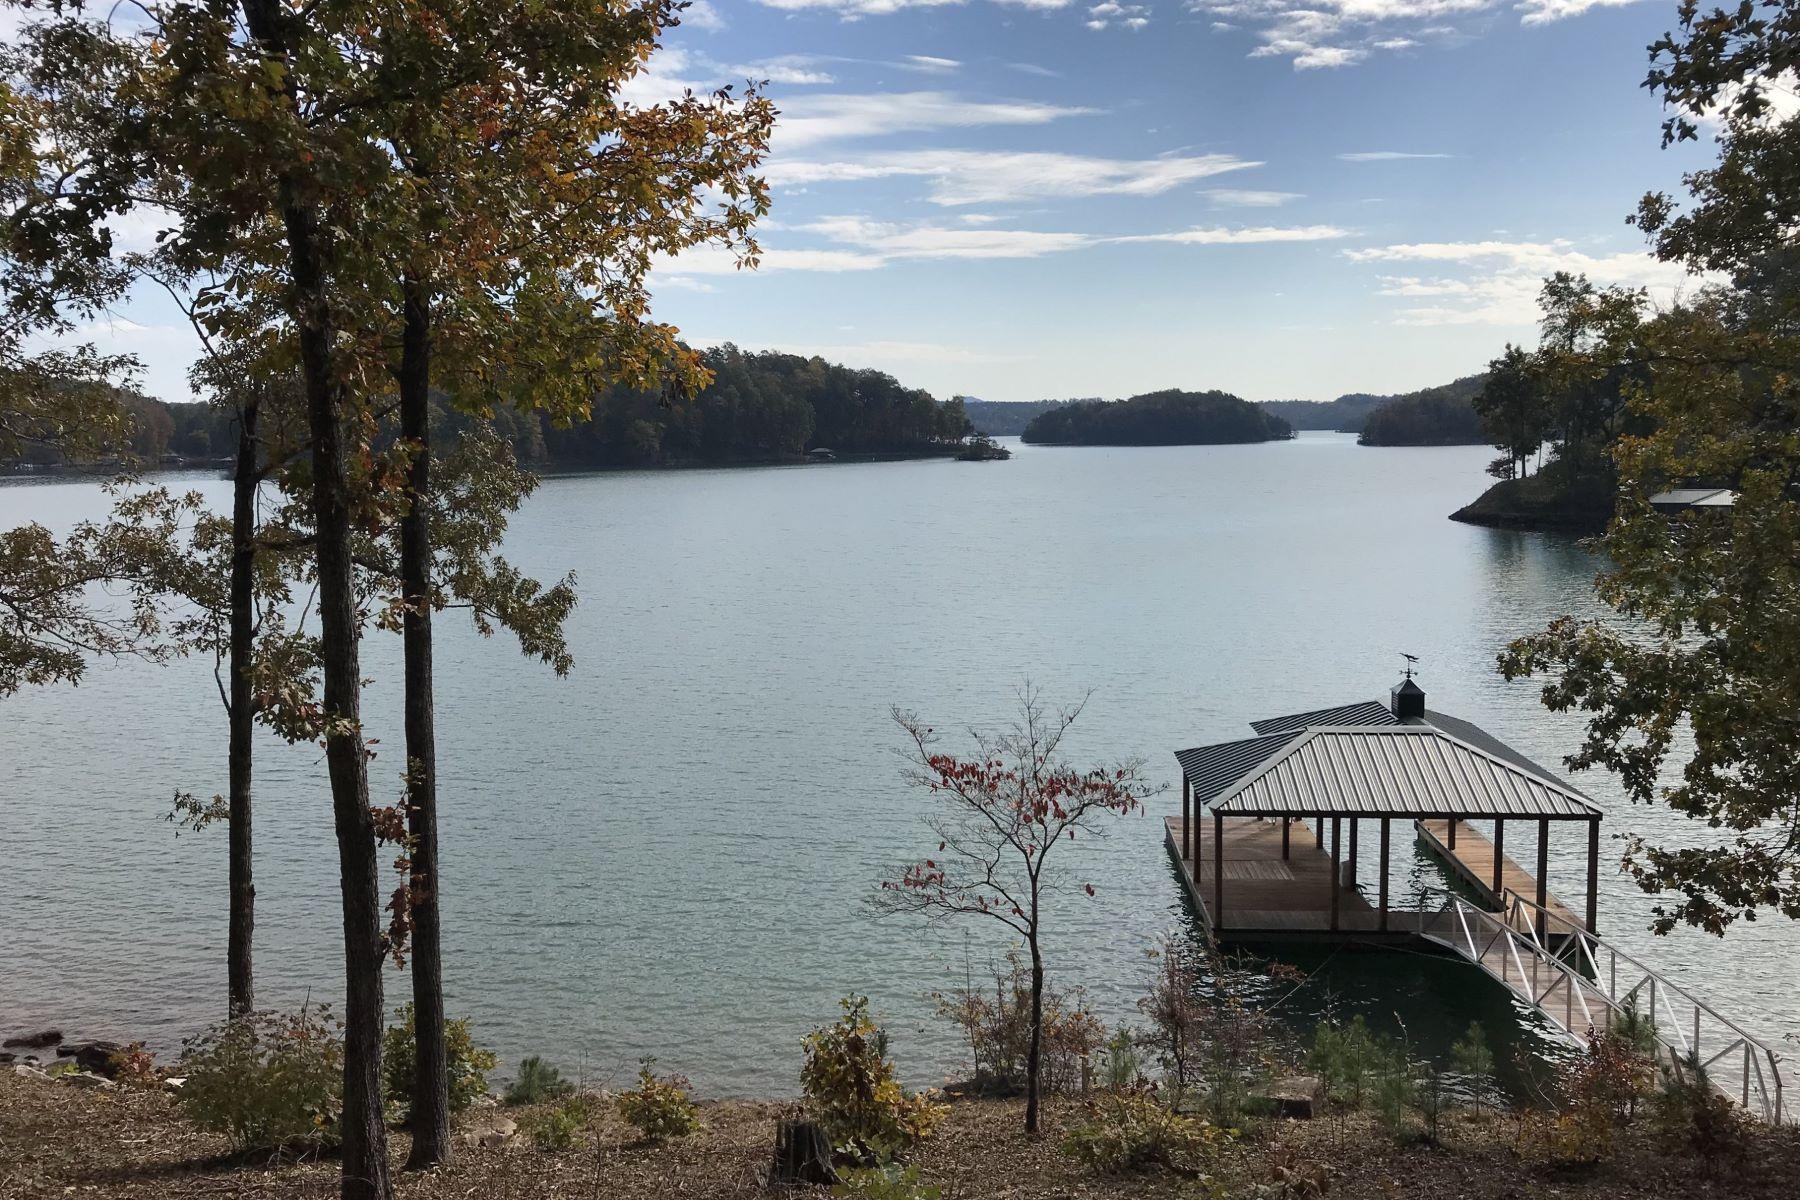 أراضي للـ Sale في Enjoy Sweeping 180 Degree Views from this Waterfront Home Site EB32, The Cliffs At Keowee Falls, Salem, South Carolina, 29676 United States